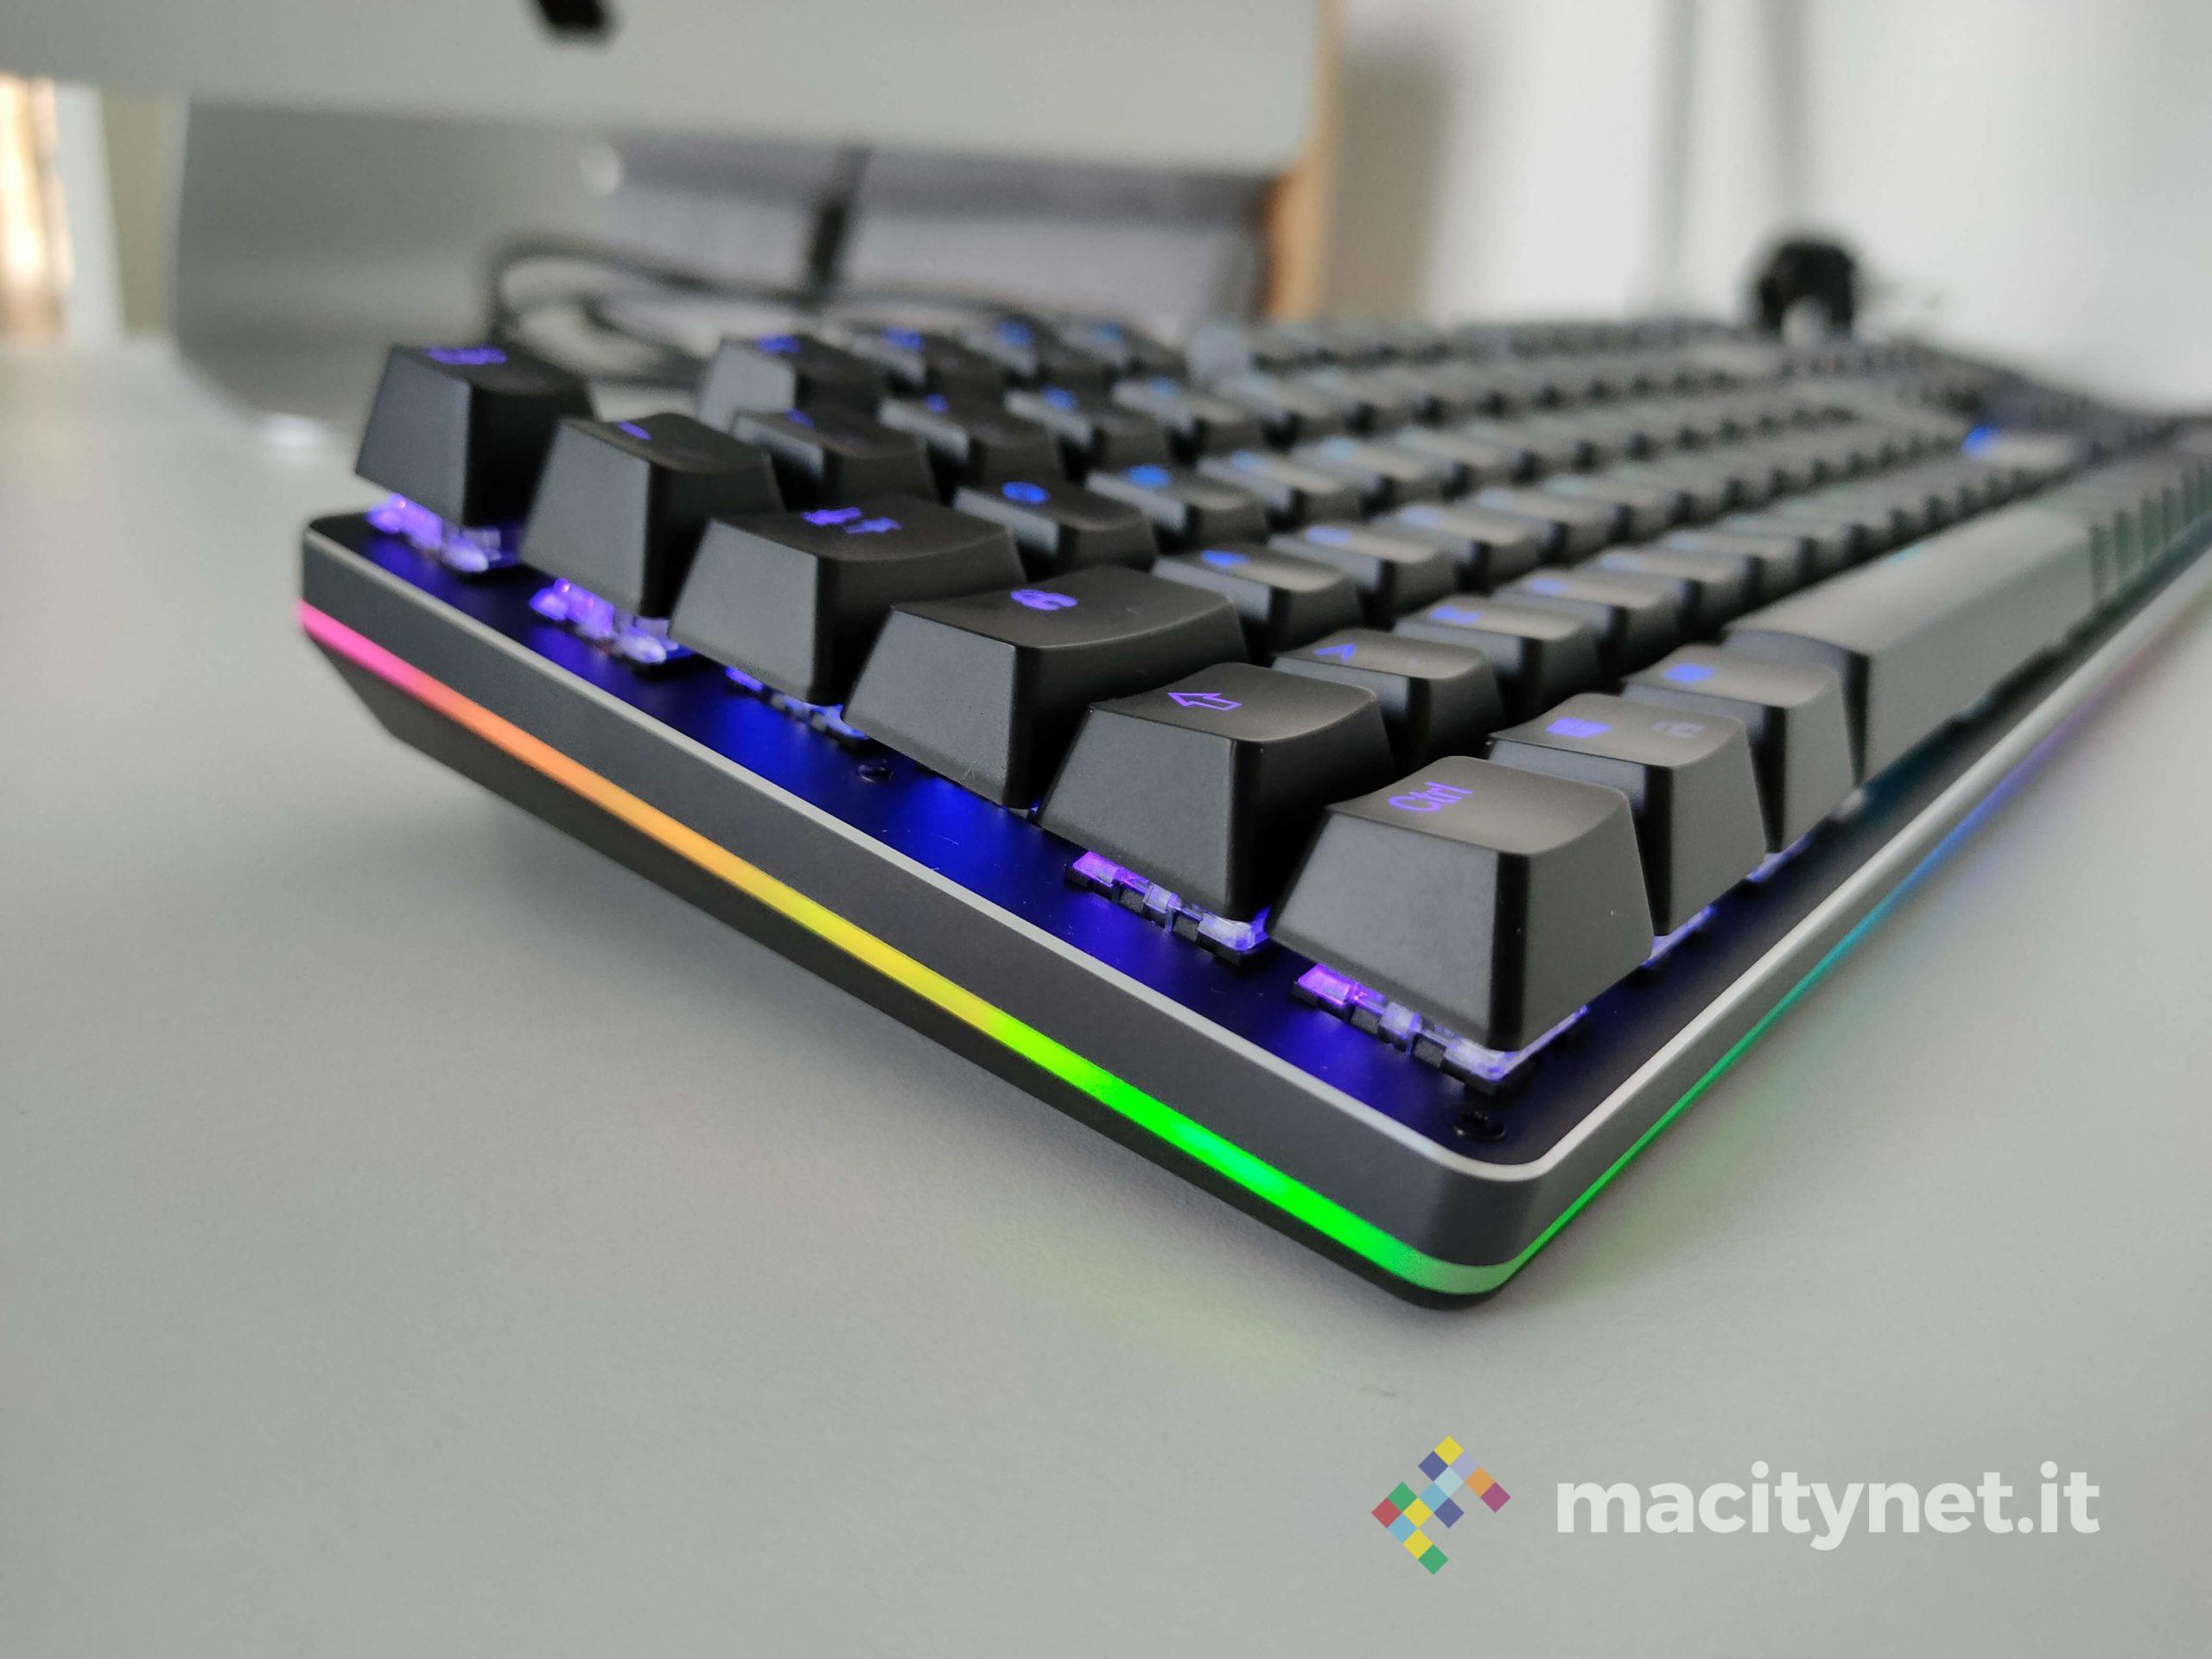 Recensione Aukey KM-G12, la tastiera meccanica per il gaming che non ti aspetti